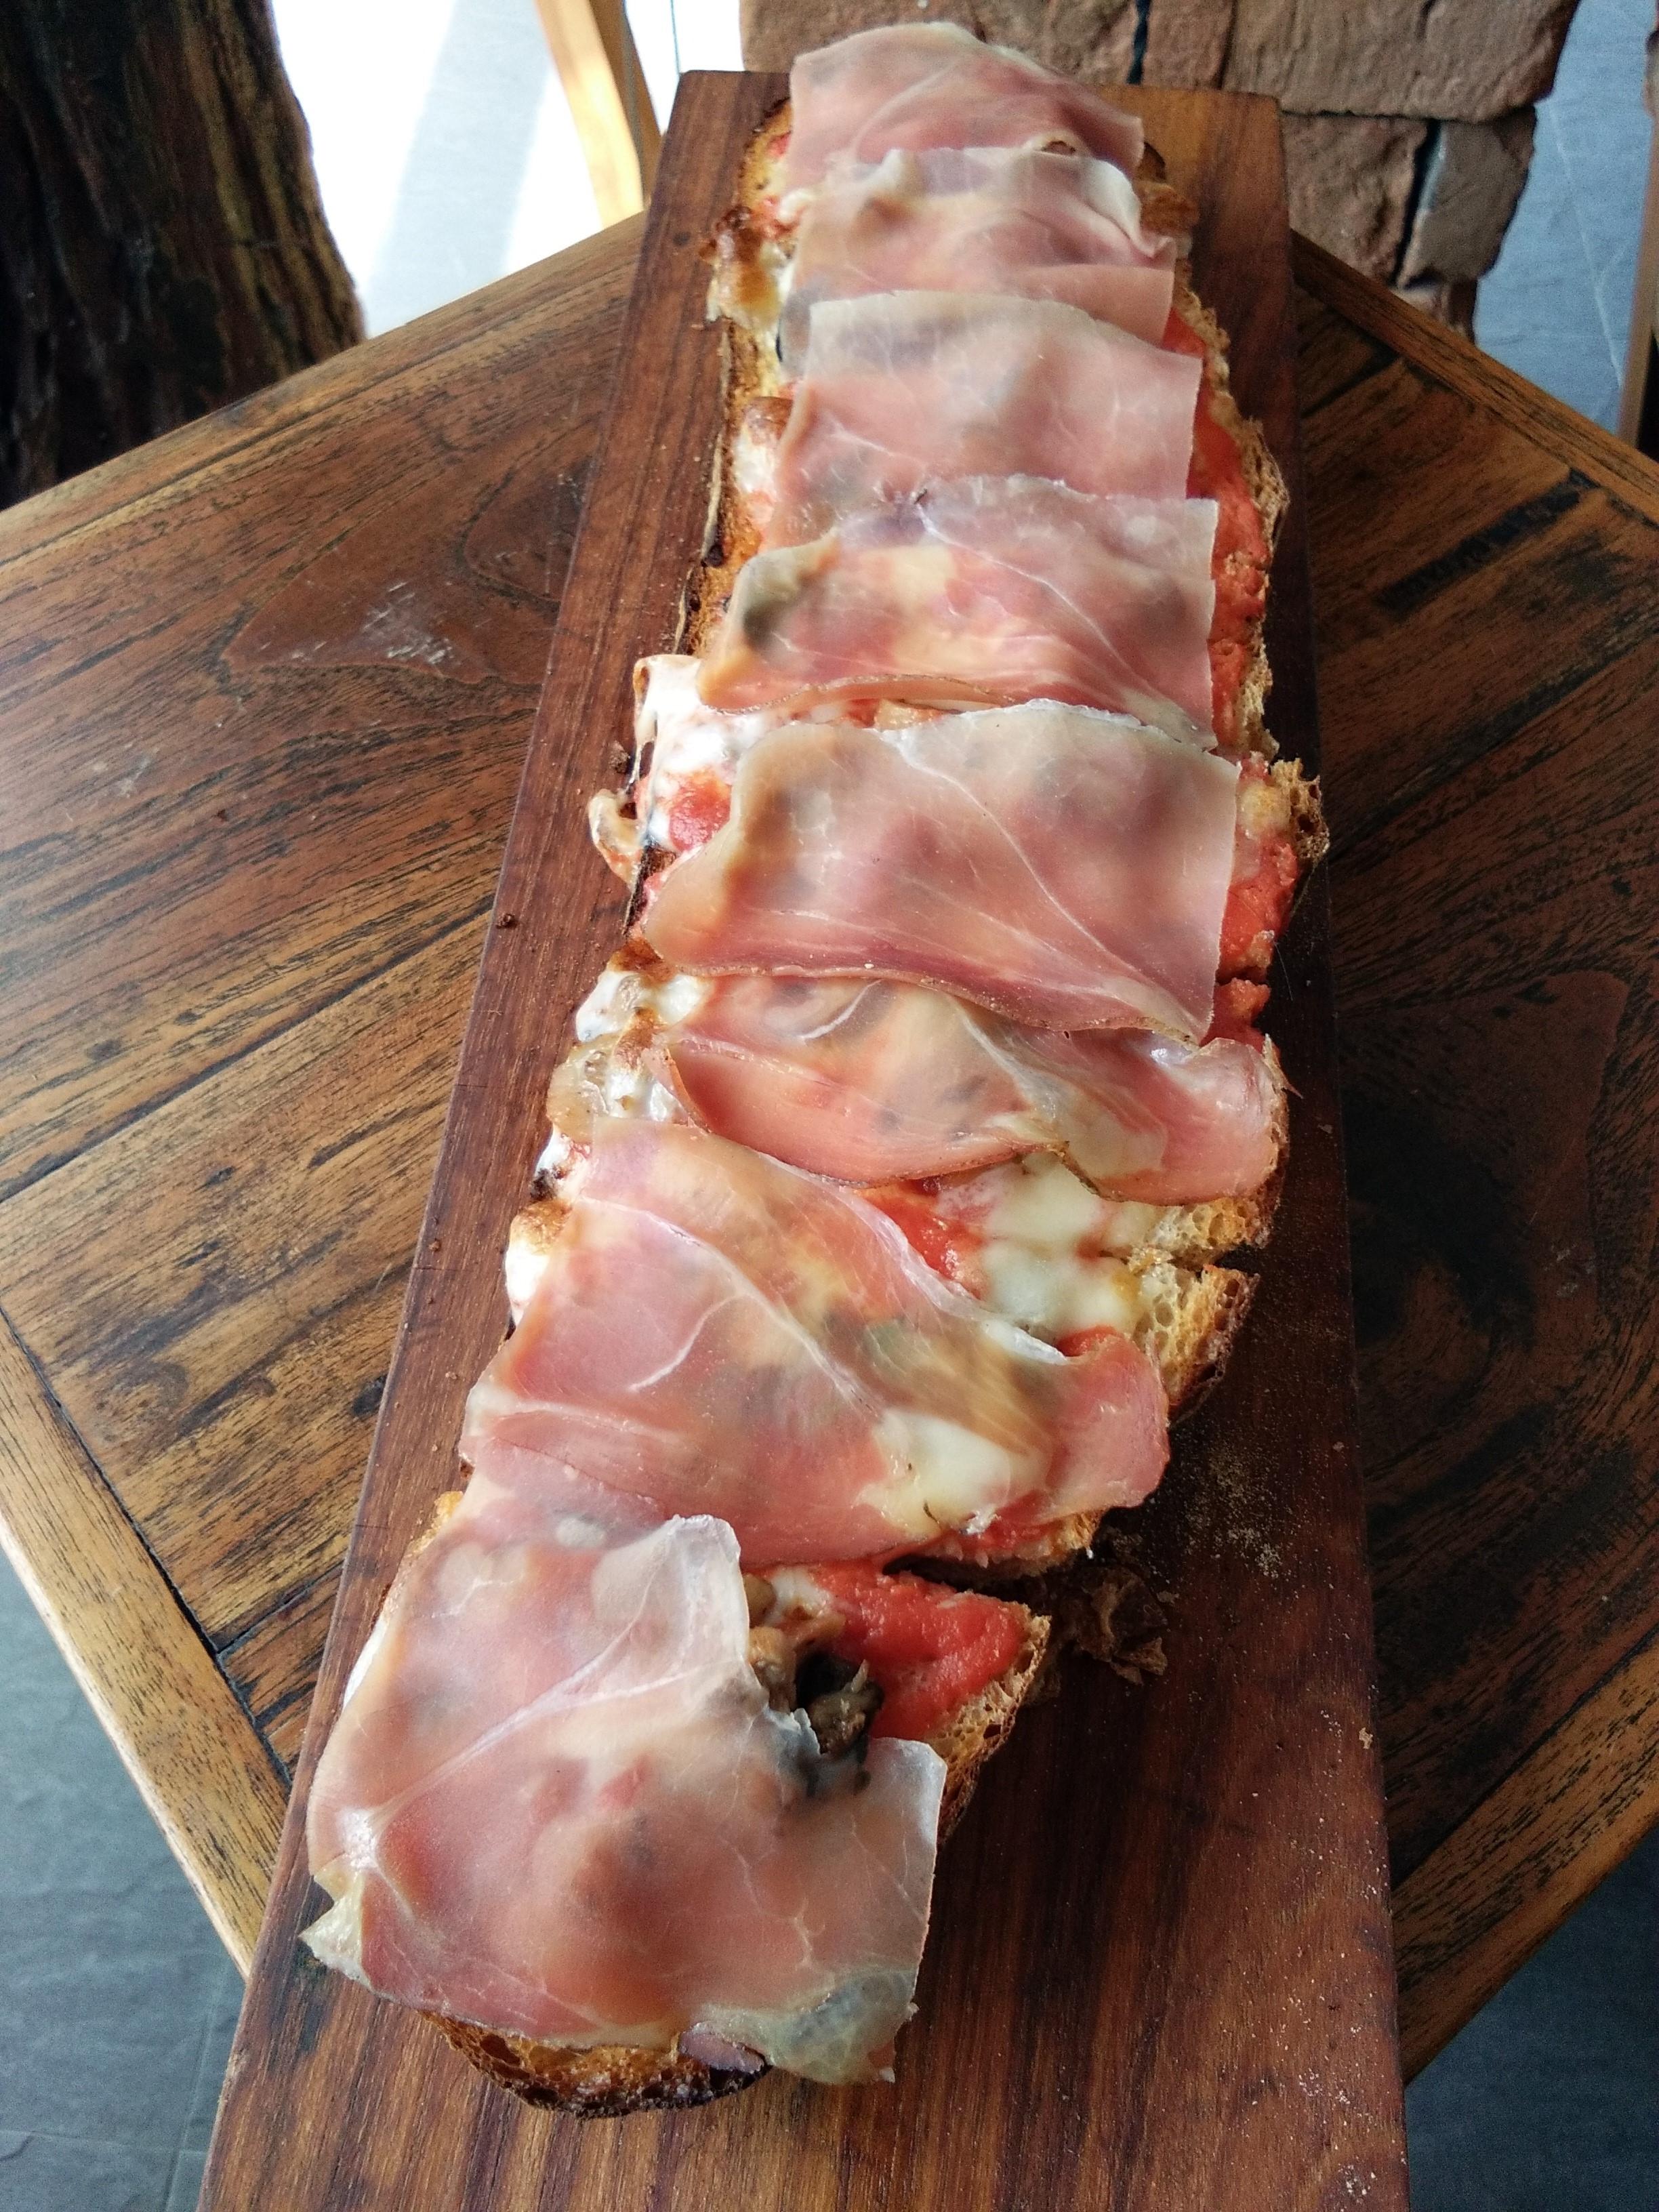 Italian smoked ham and mushrooms